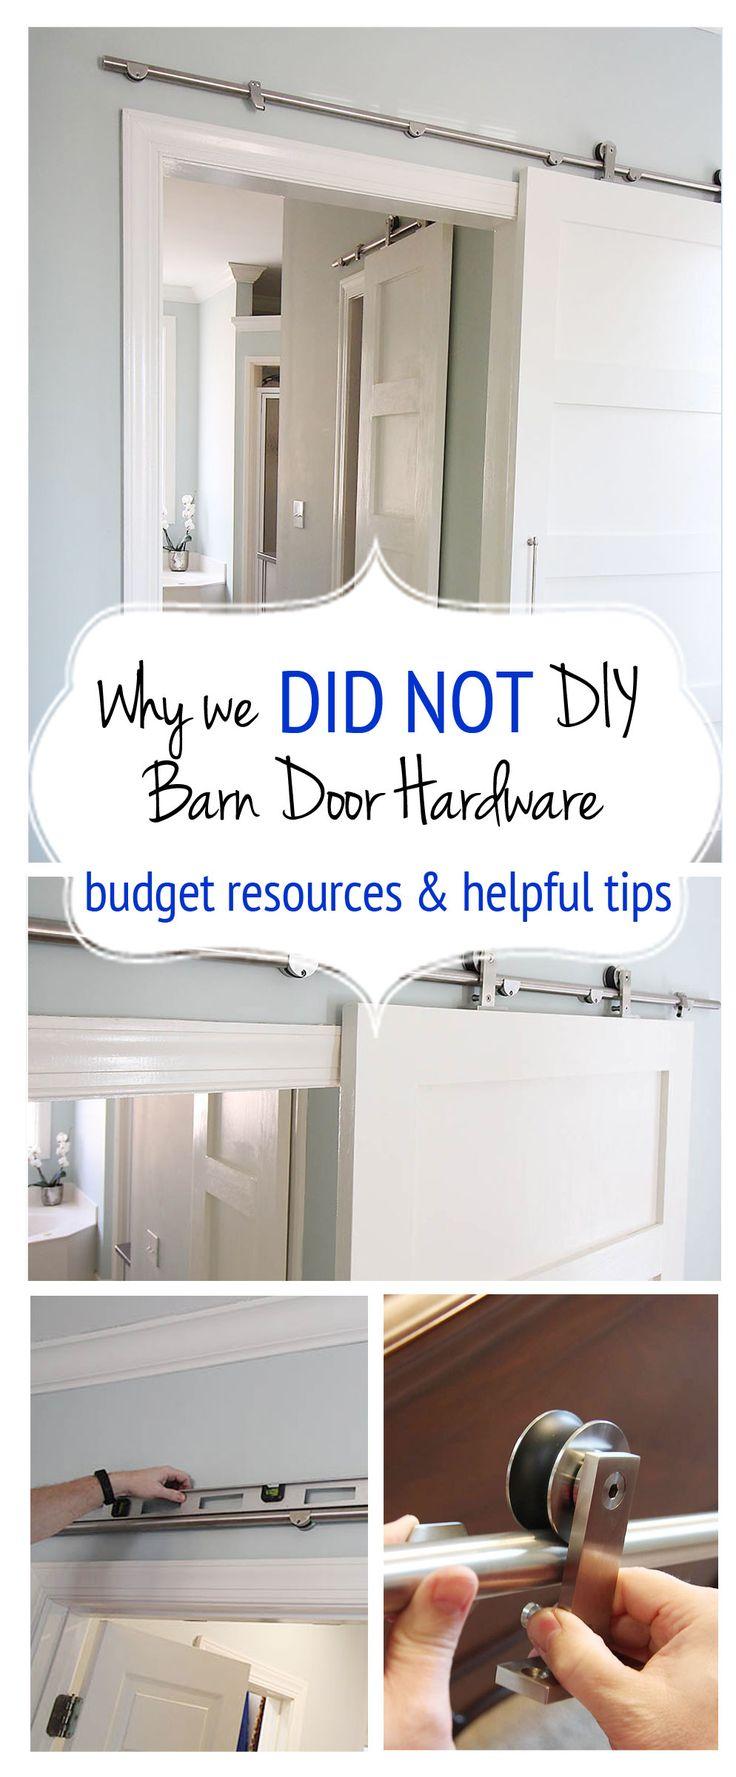 Diy interior barn door - Modern Barn Door Hardware Review And Instructions